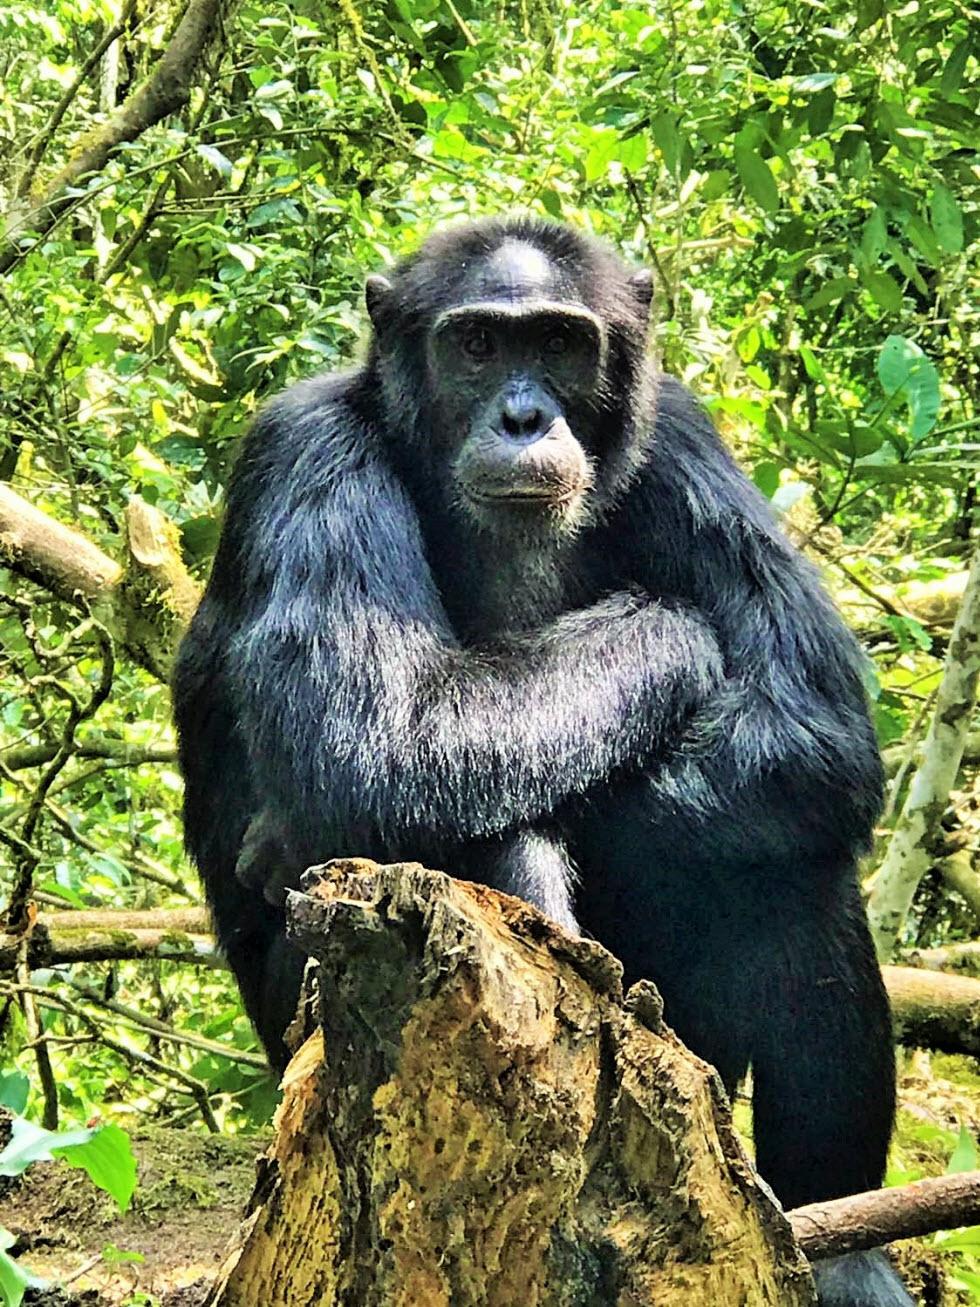 שימפנזה מסוג אלפא ועוד דברים שמוצאים ביערות הגשם של אוגנדה  (צילום: מאגמה)